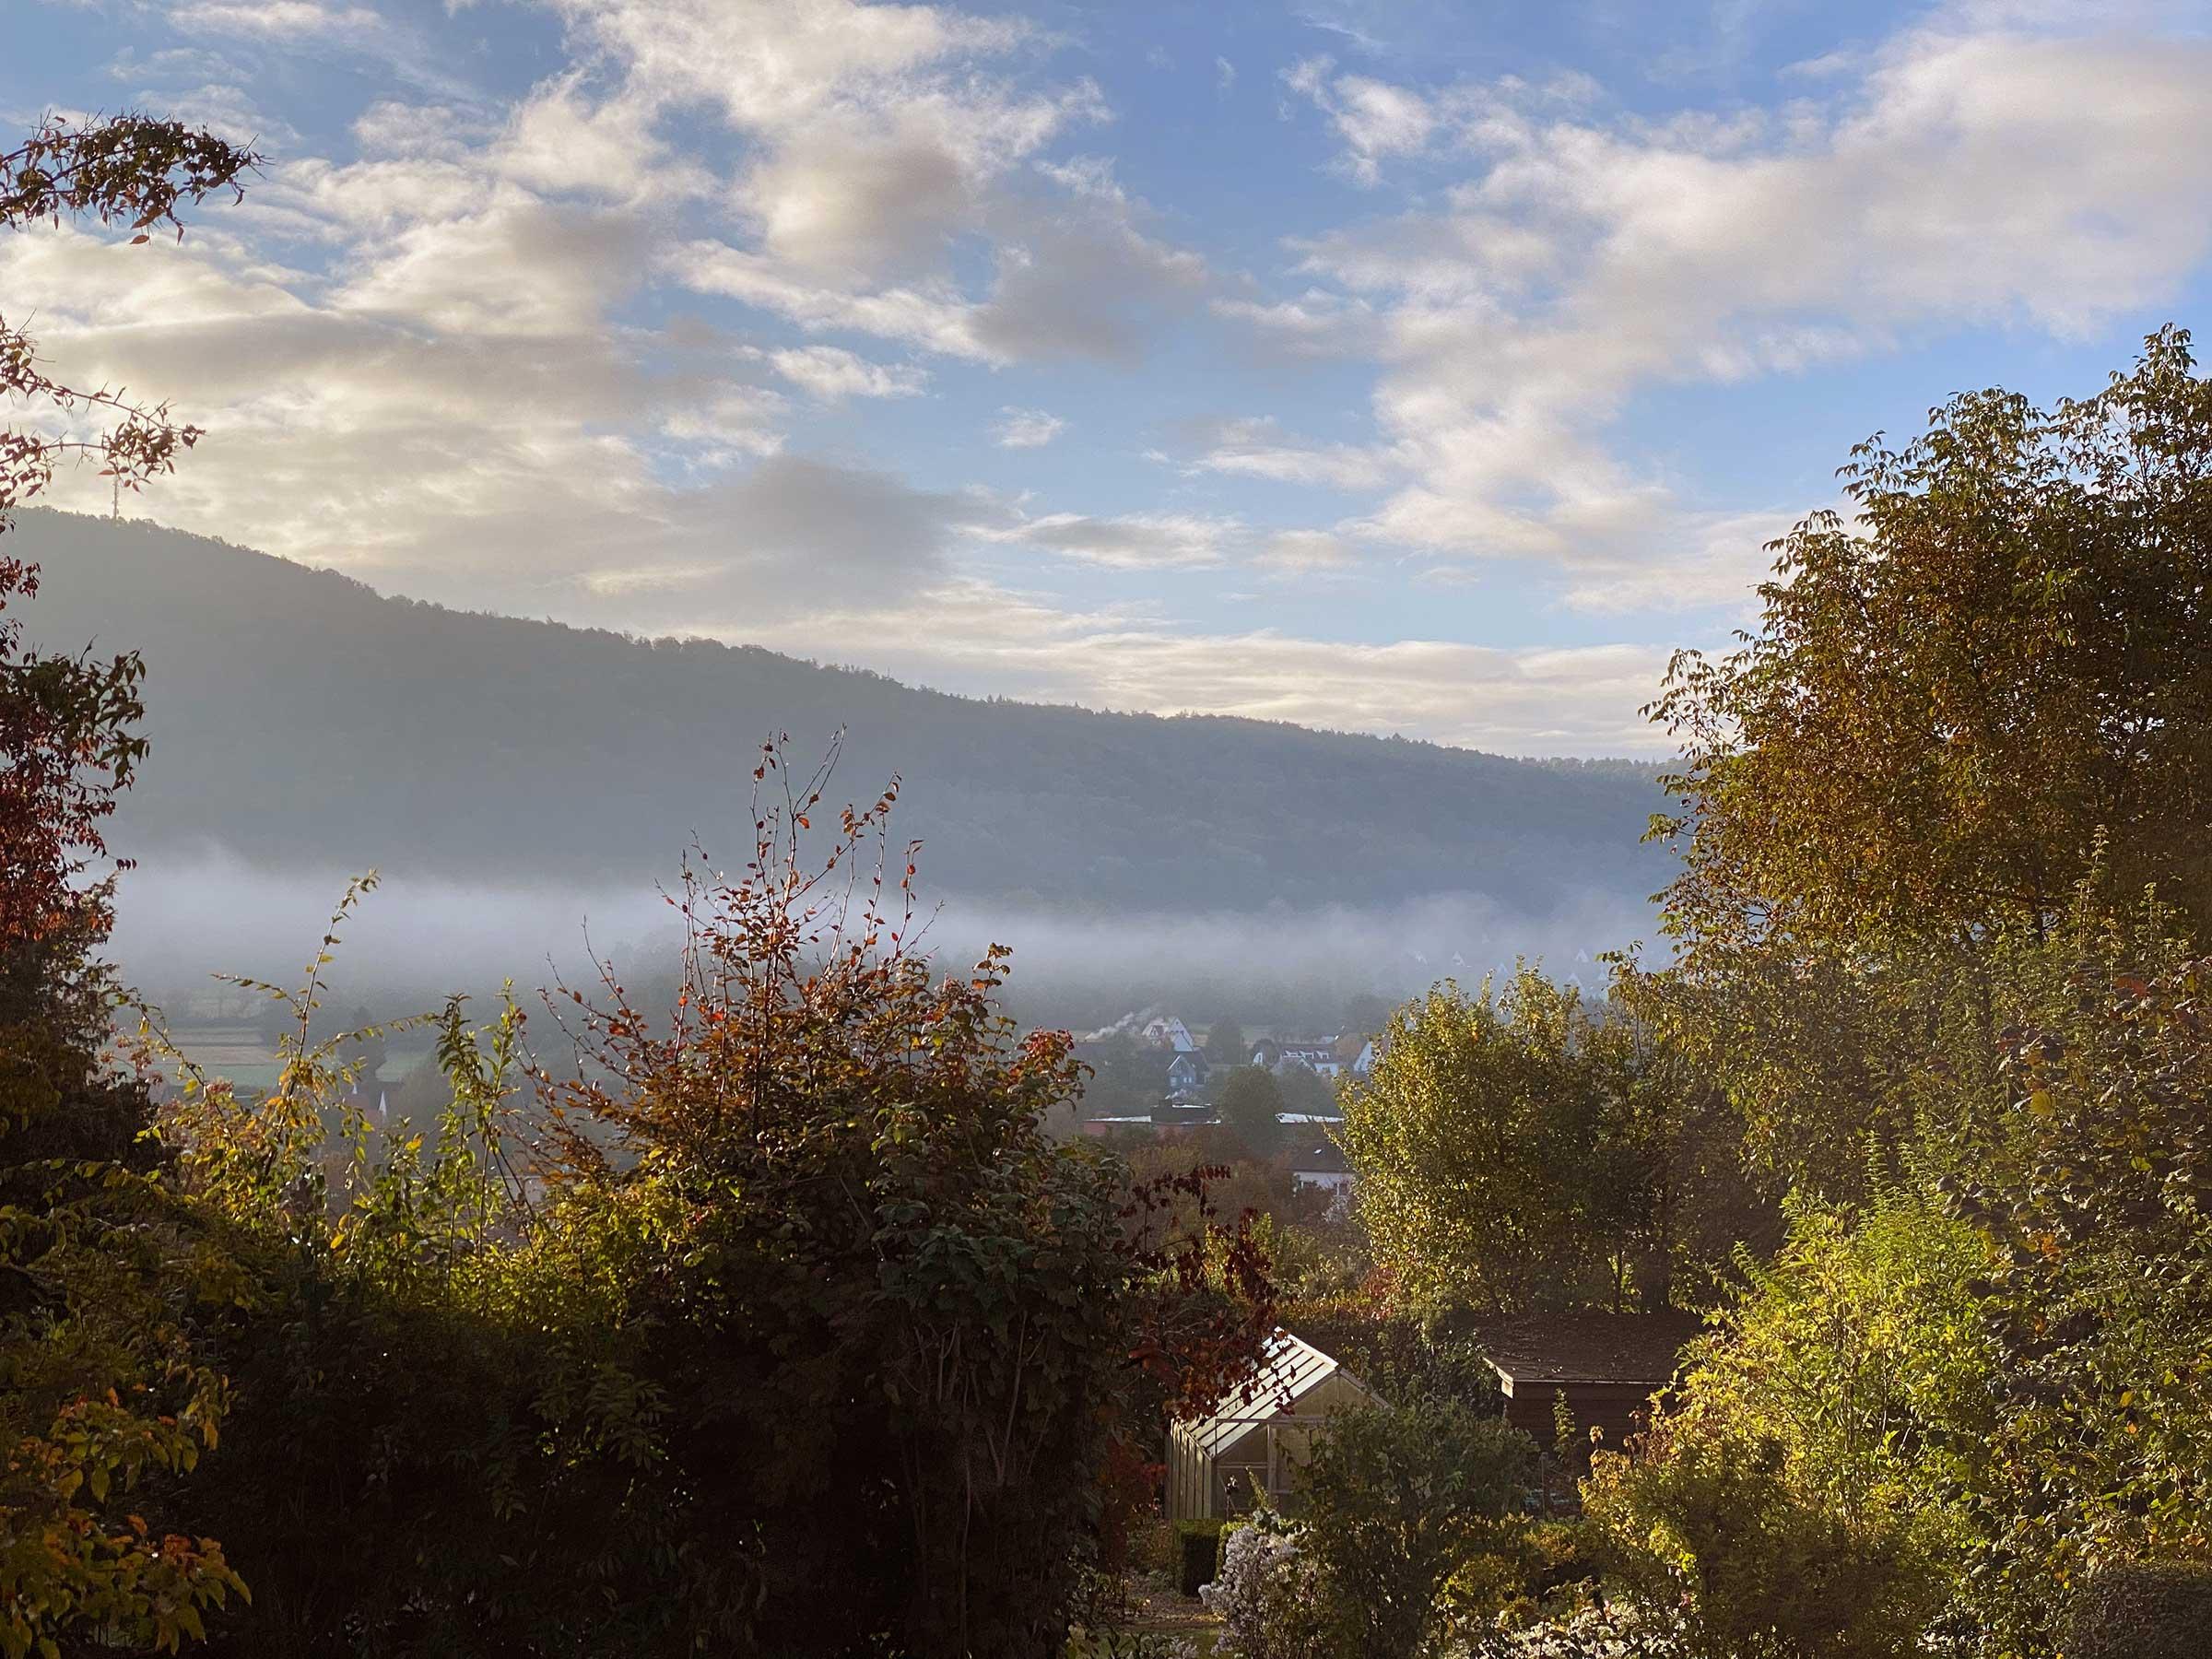 Im Vordergrund Bäume, im Hintergrund ein bewaldeter kleiner Berg. Im Tal hängt ein Band Nebel.